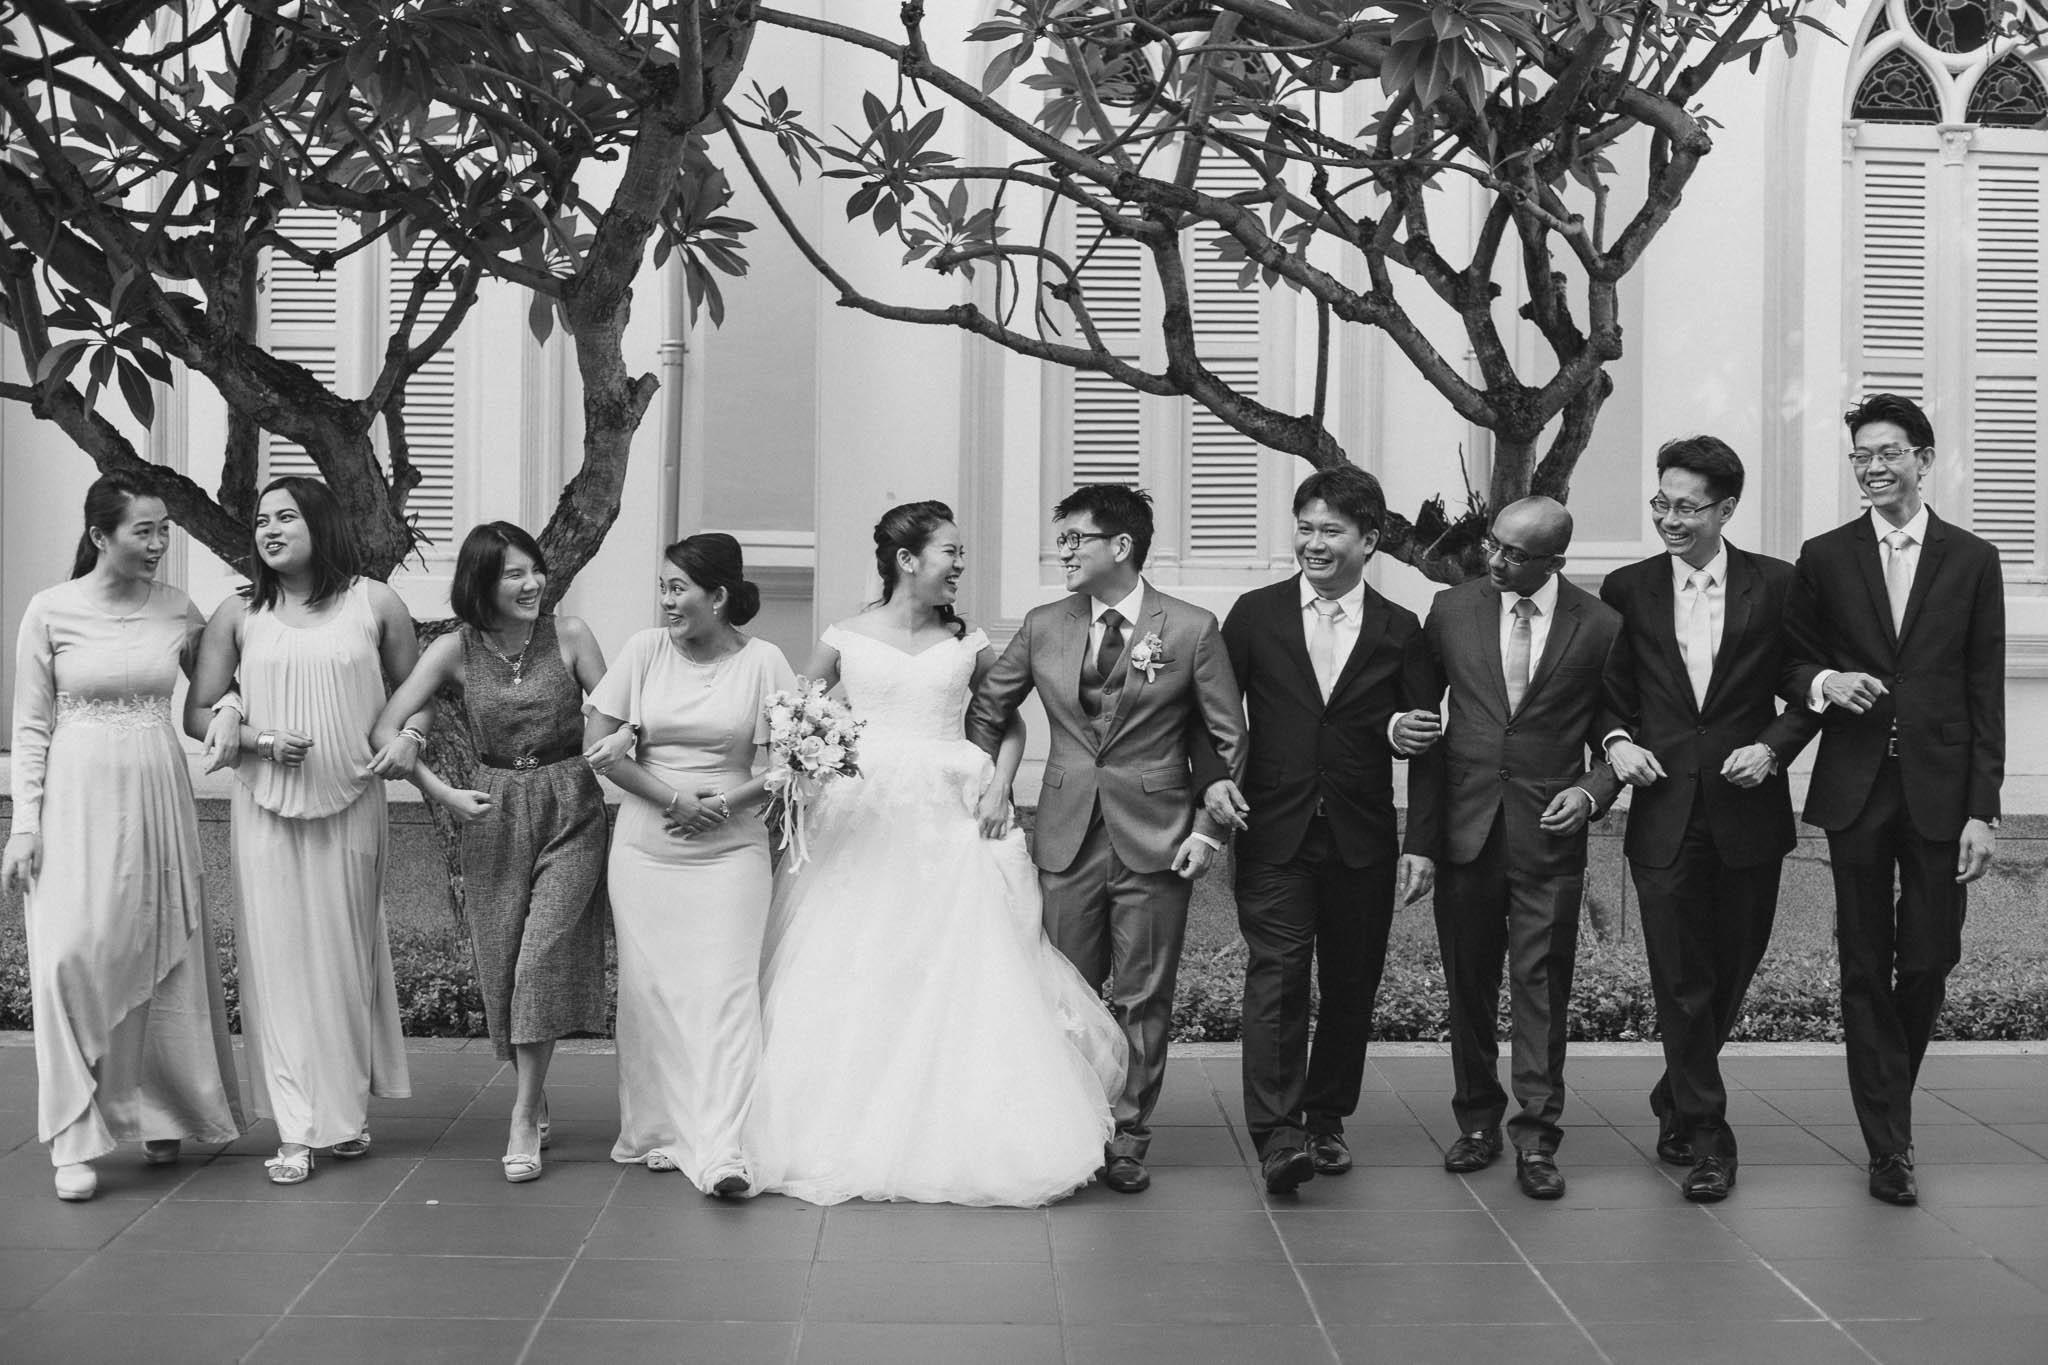 singapore-wedding-photographer-zhongwei-shihui-028.jpg